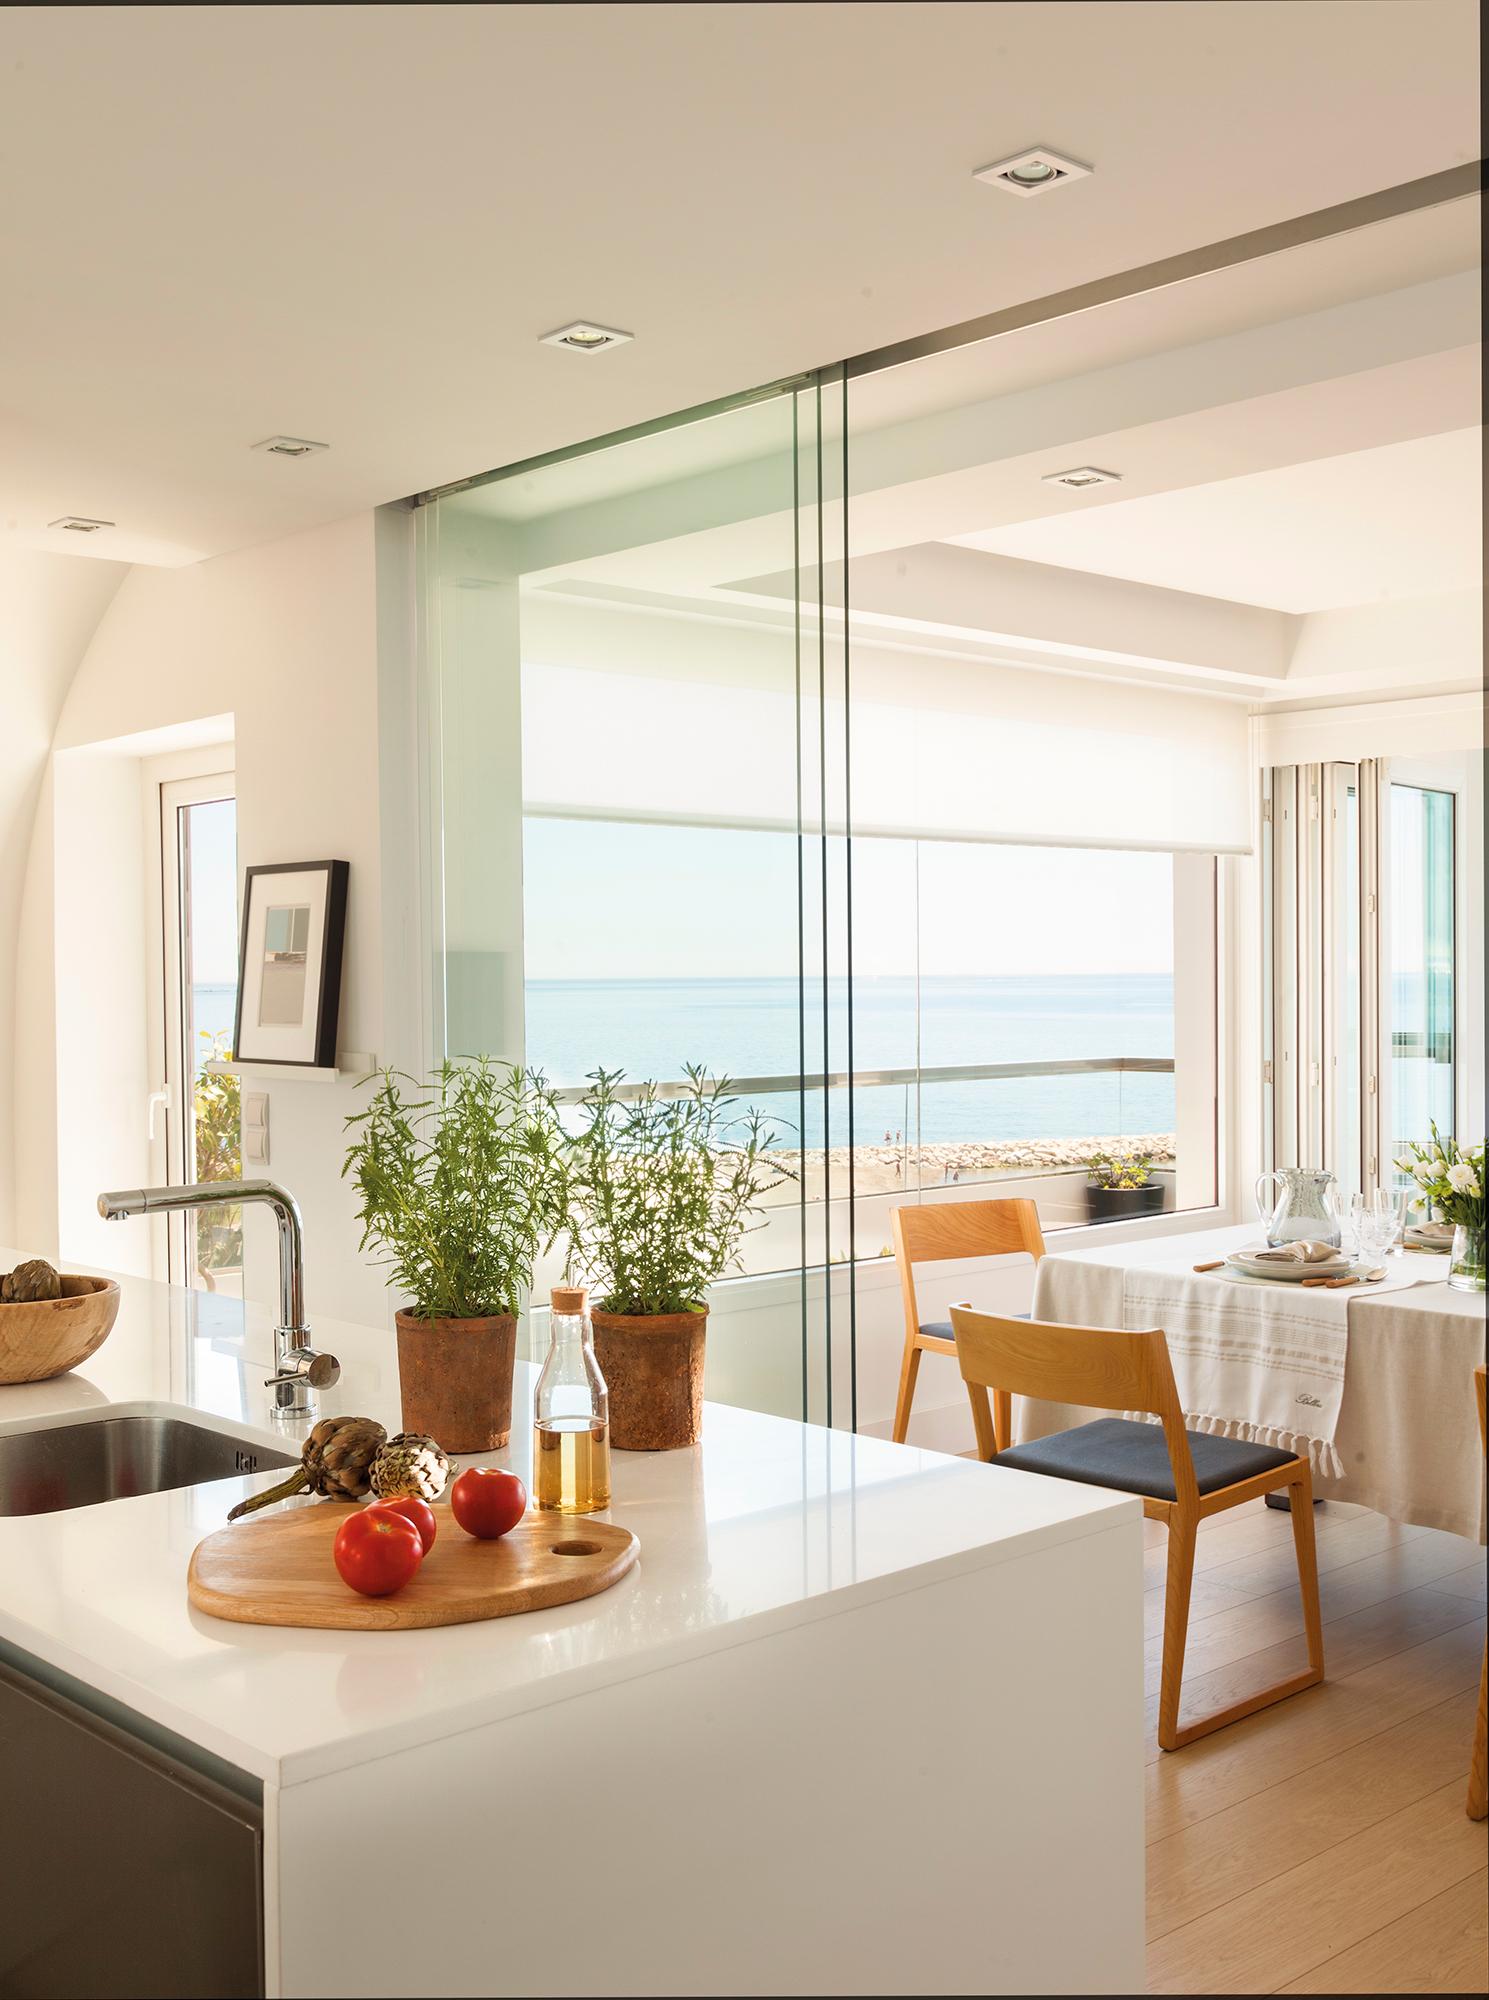 50 claves para lograr una casa perfecta - Puertas cocina cristal ...